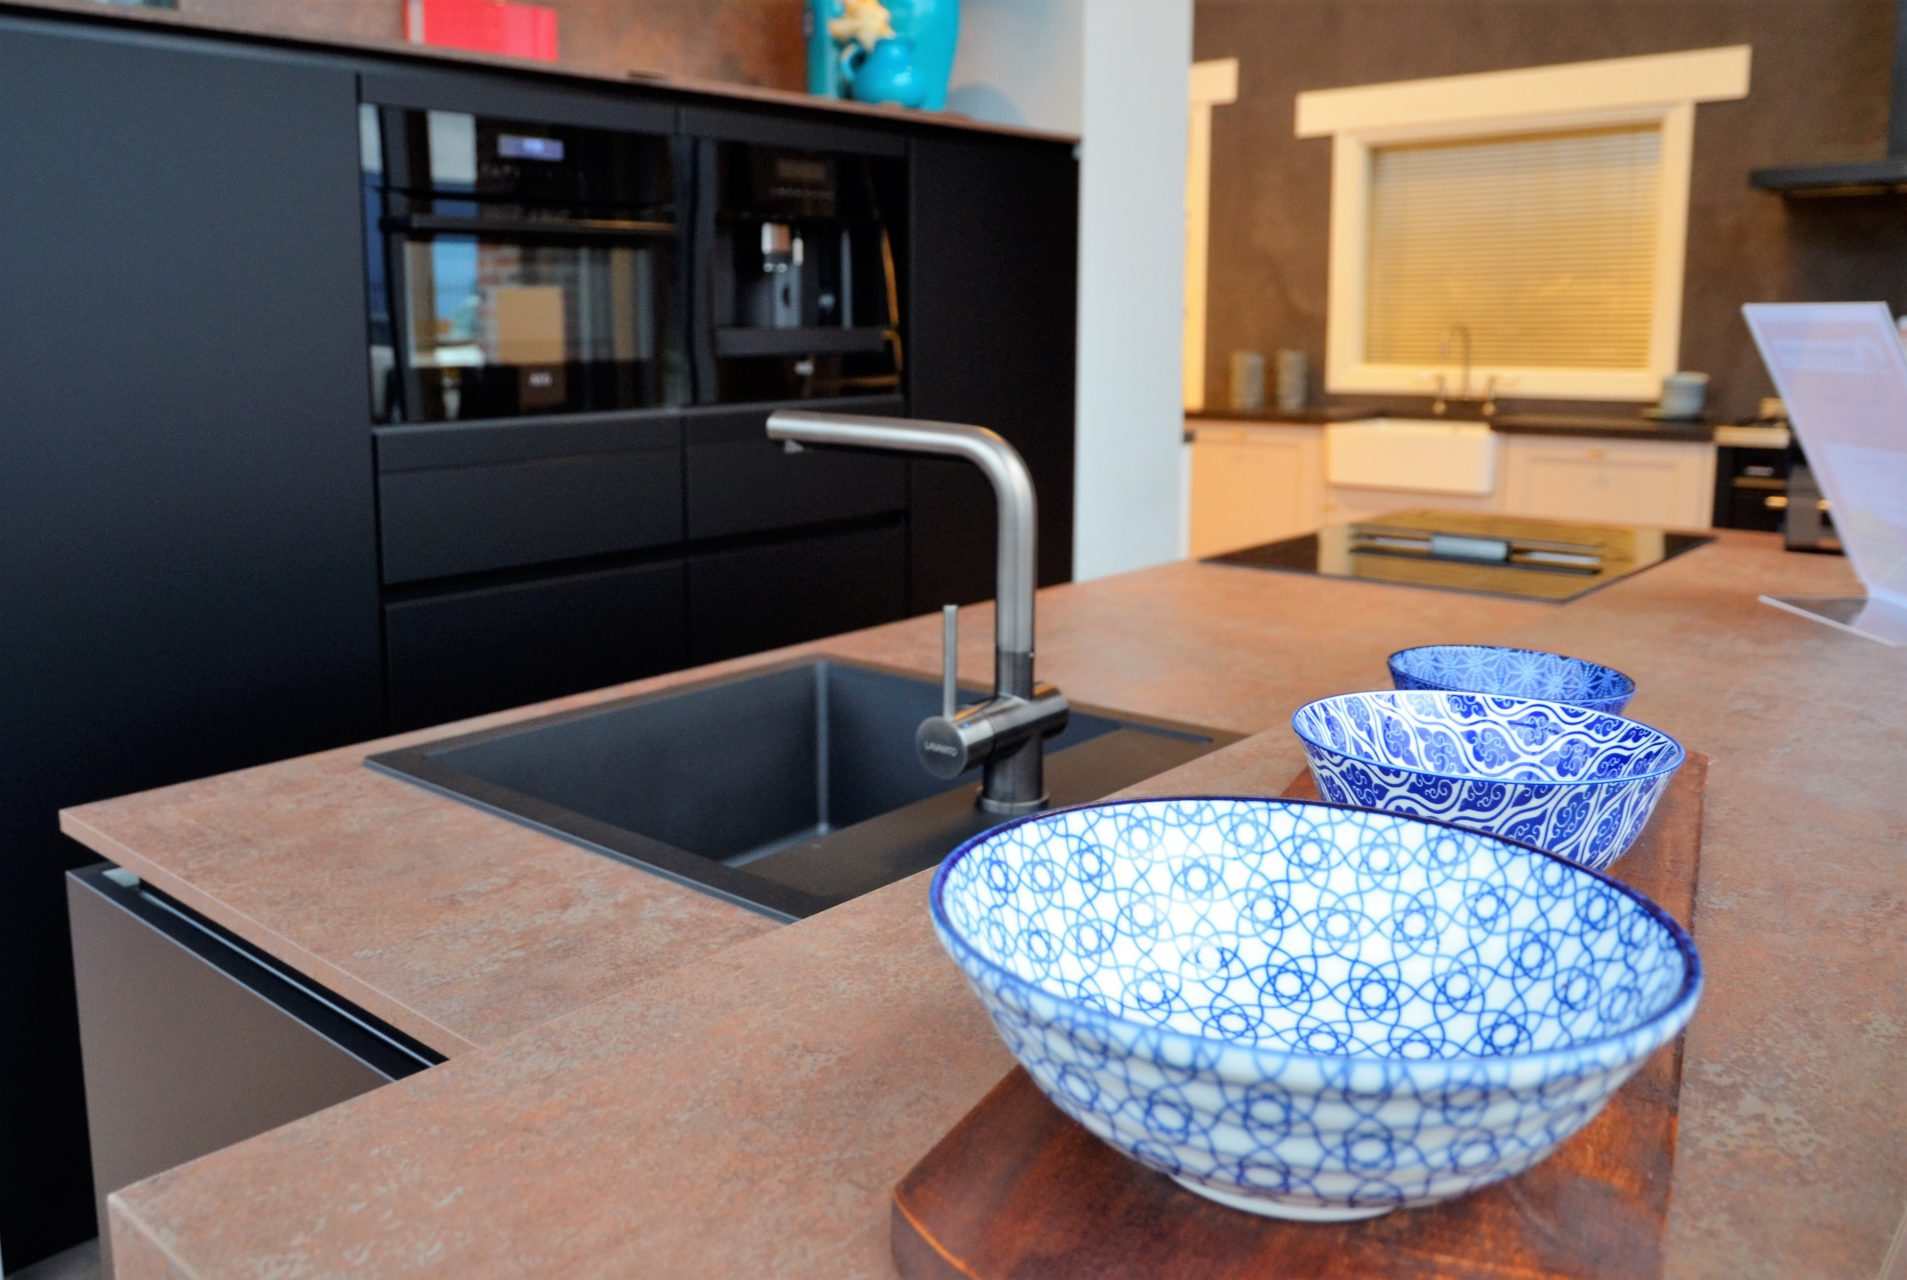 Badkamer Showroom Nijkerk : Sanisale en keukensale meest uitgebreide showroom van nijkerk